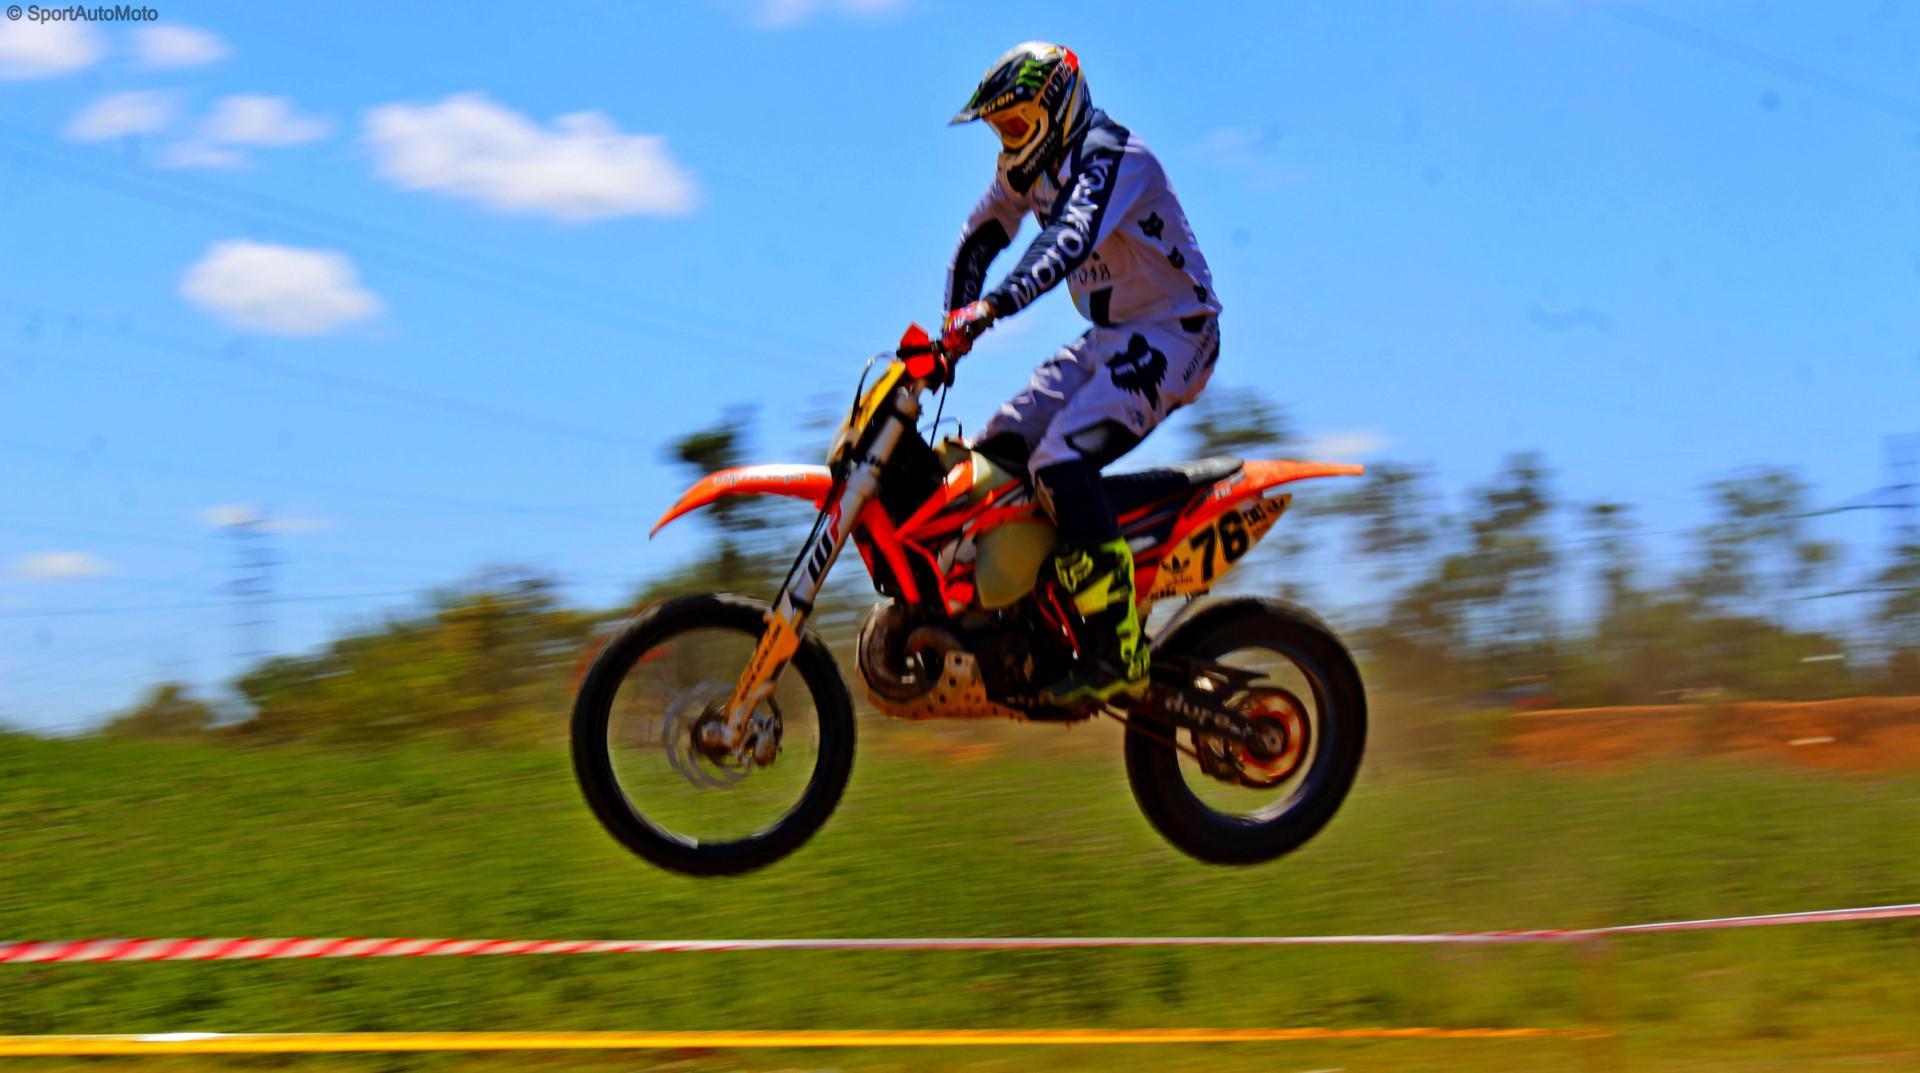 championnat-du-maroc-de-motocross-kenitra-774-32.jpg